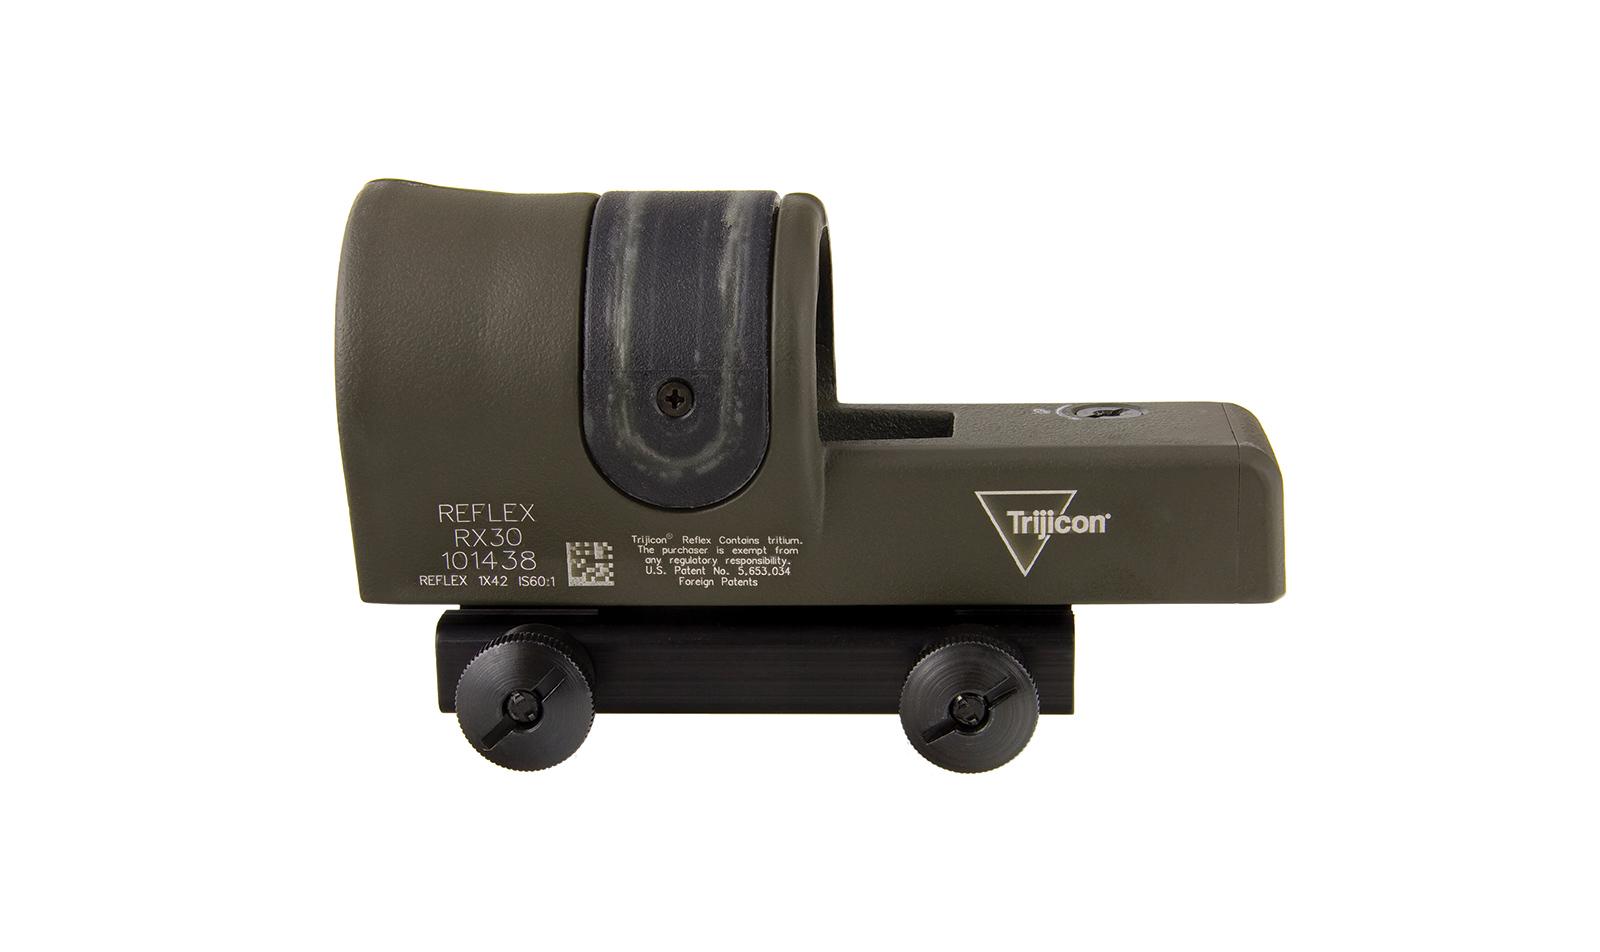 RX30-C-800090 angle 2